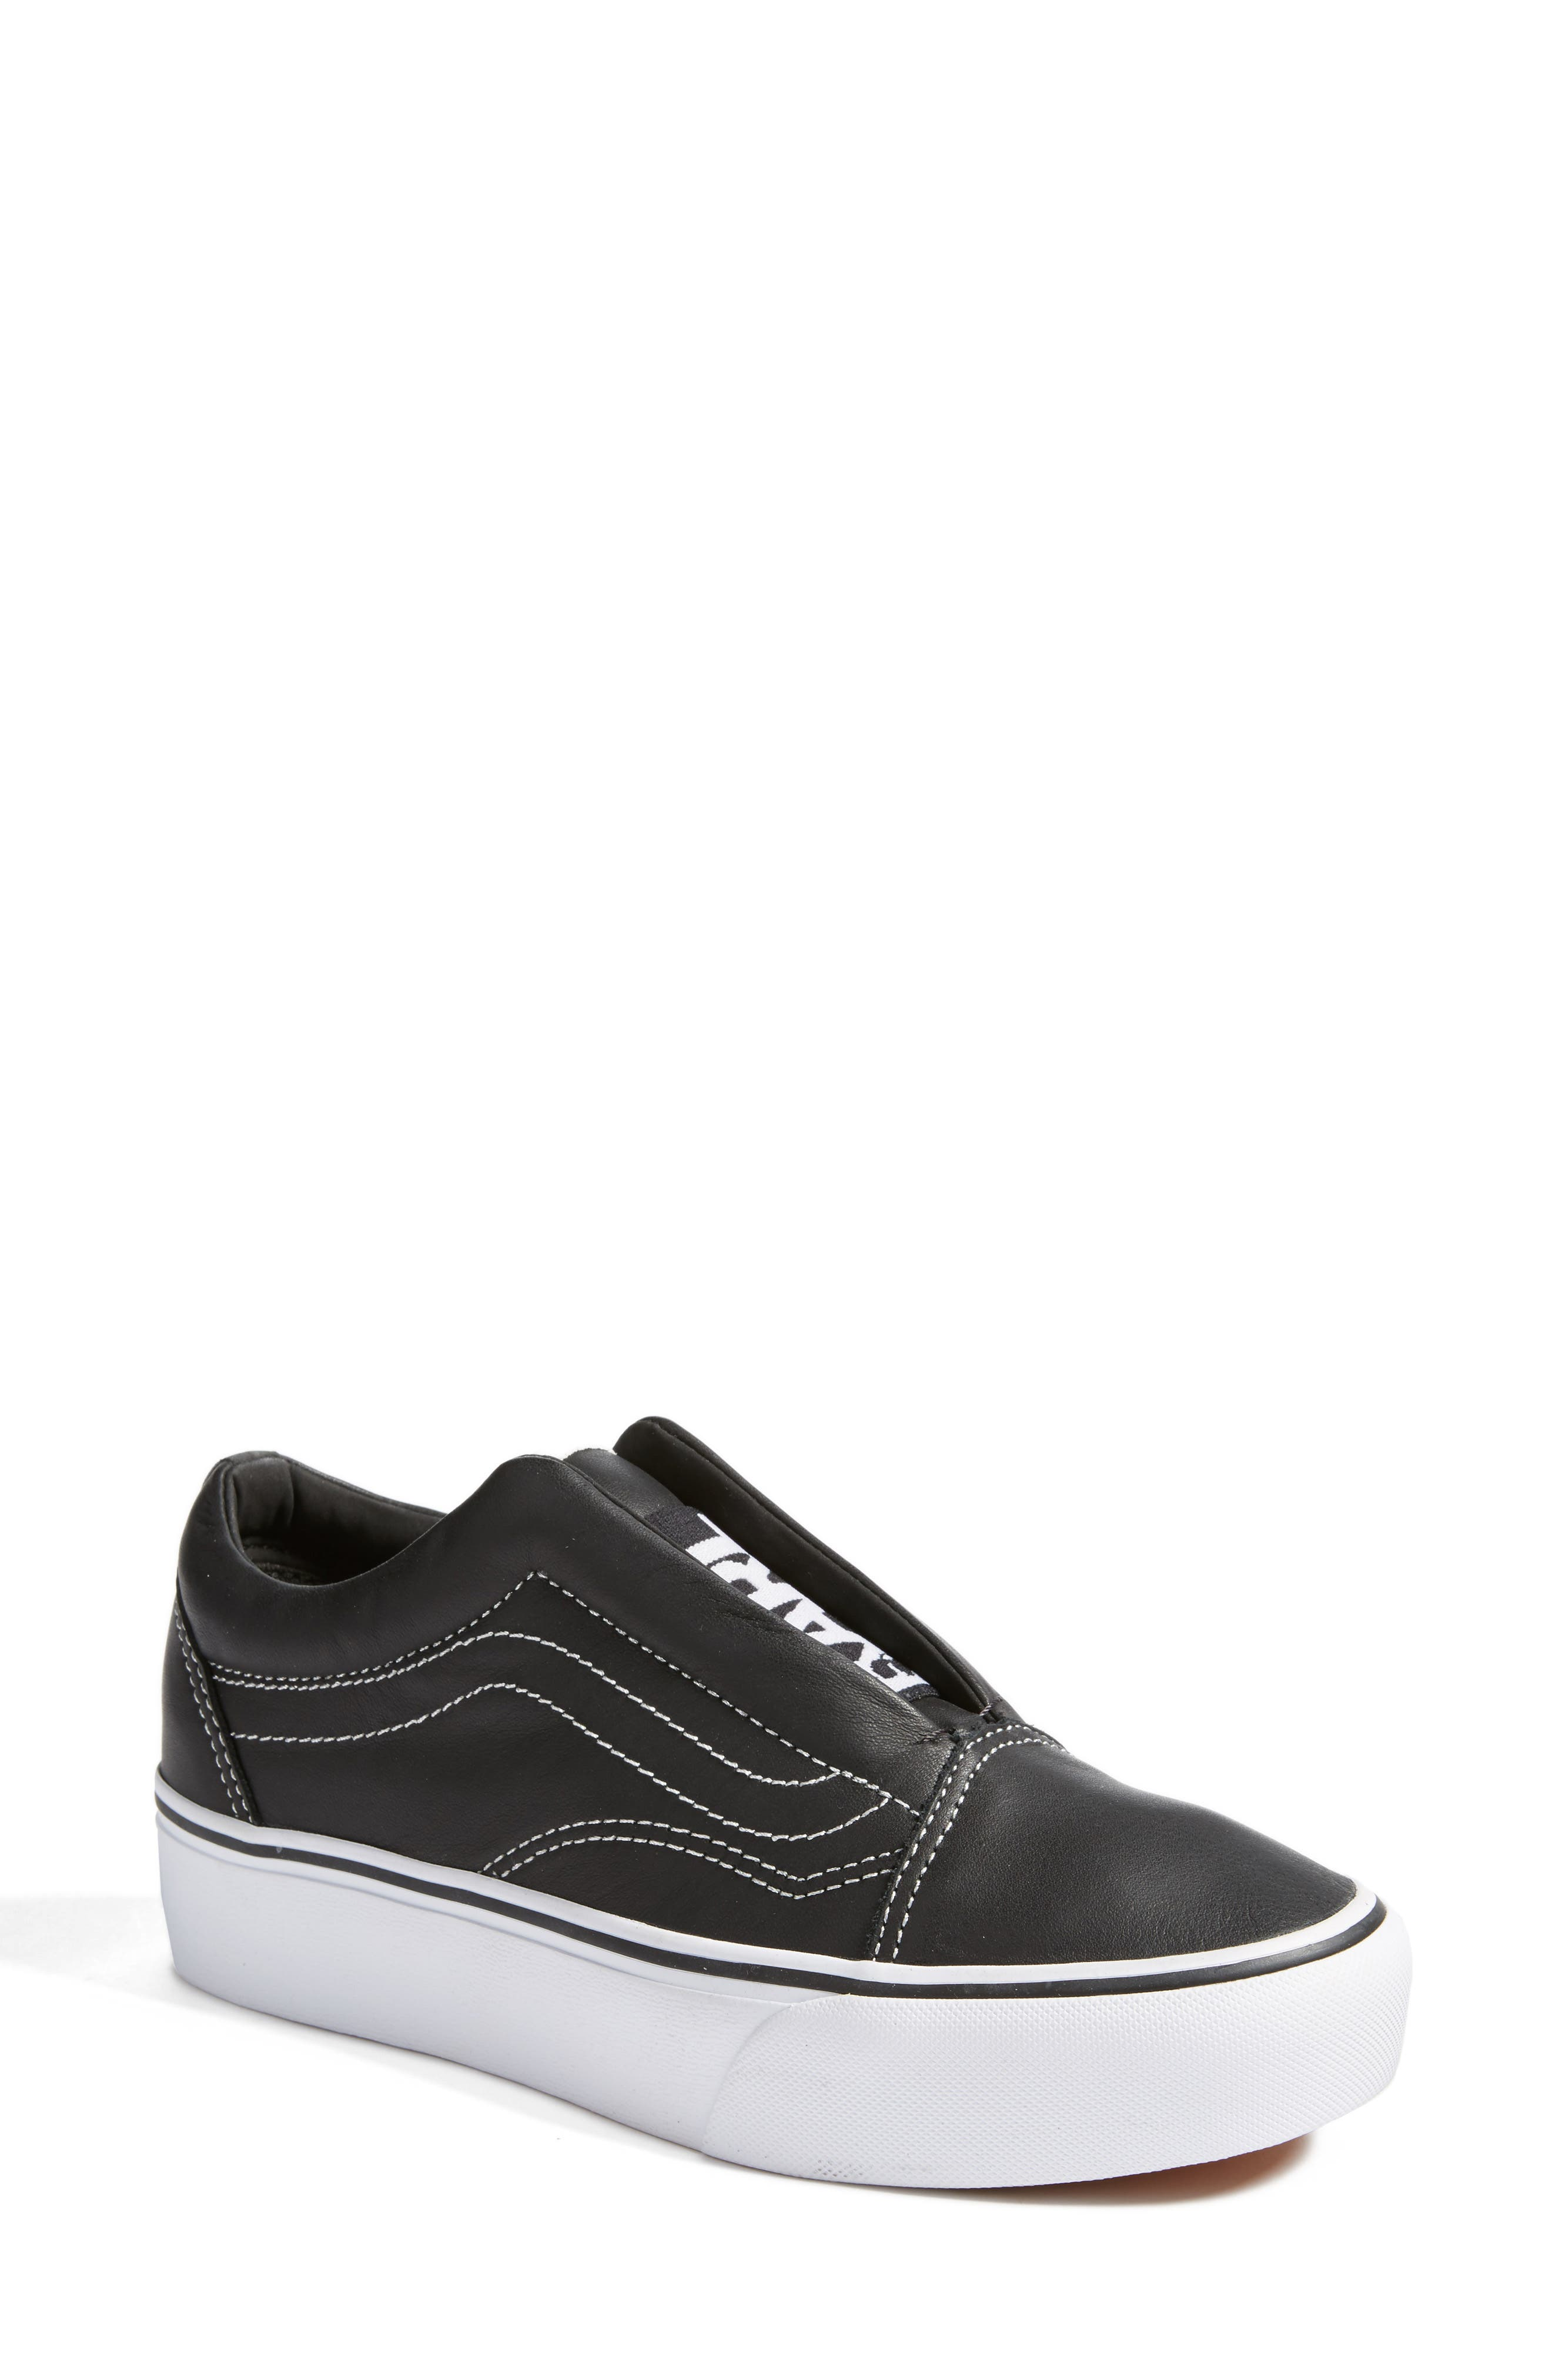 Vans x KARL LAGERFELD Old Skool Leather Platform Sneaker (Women)